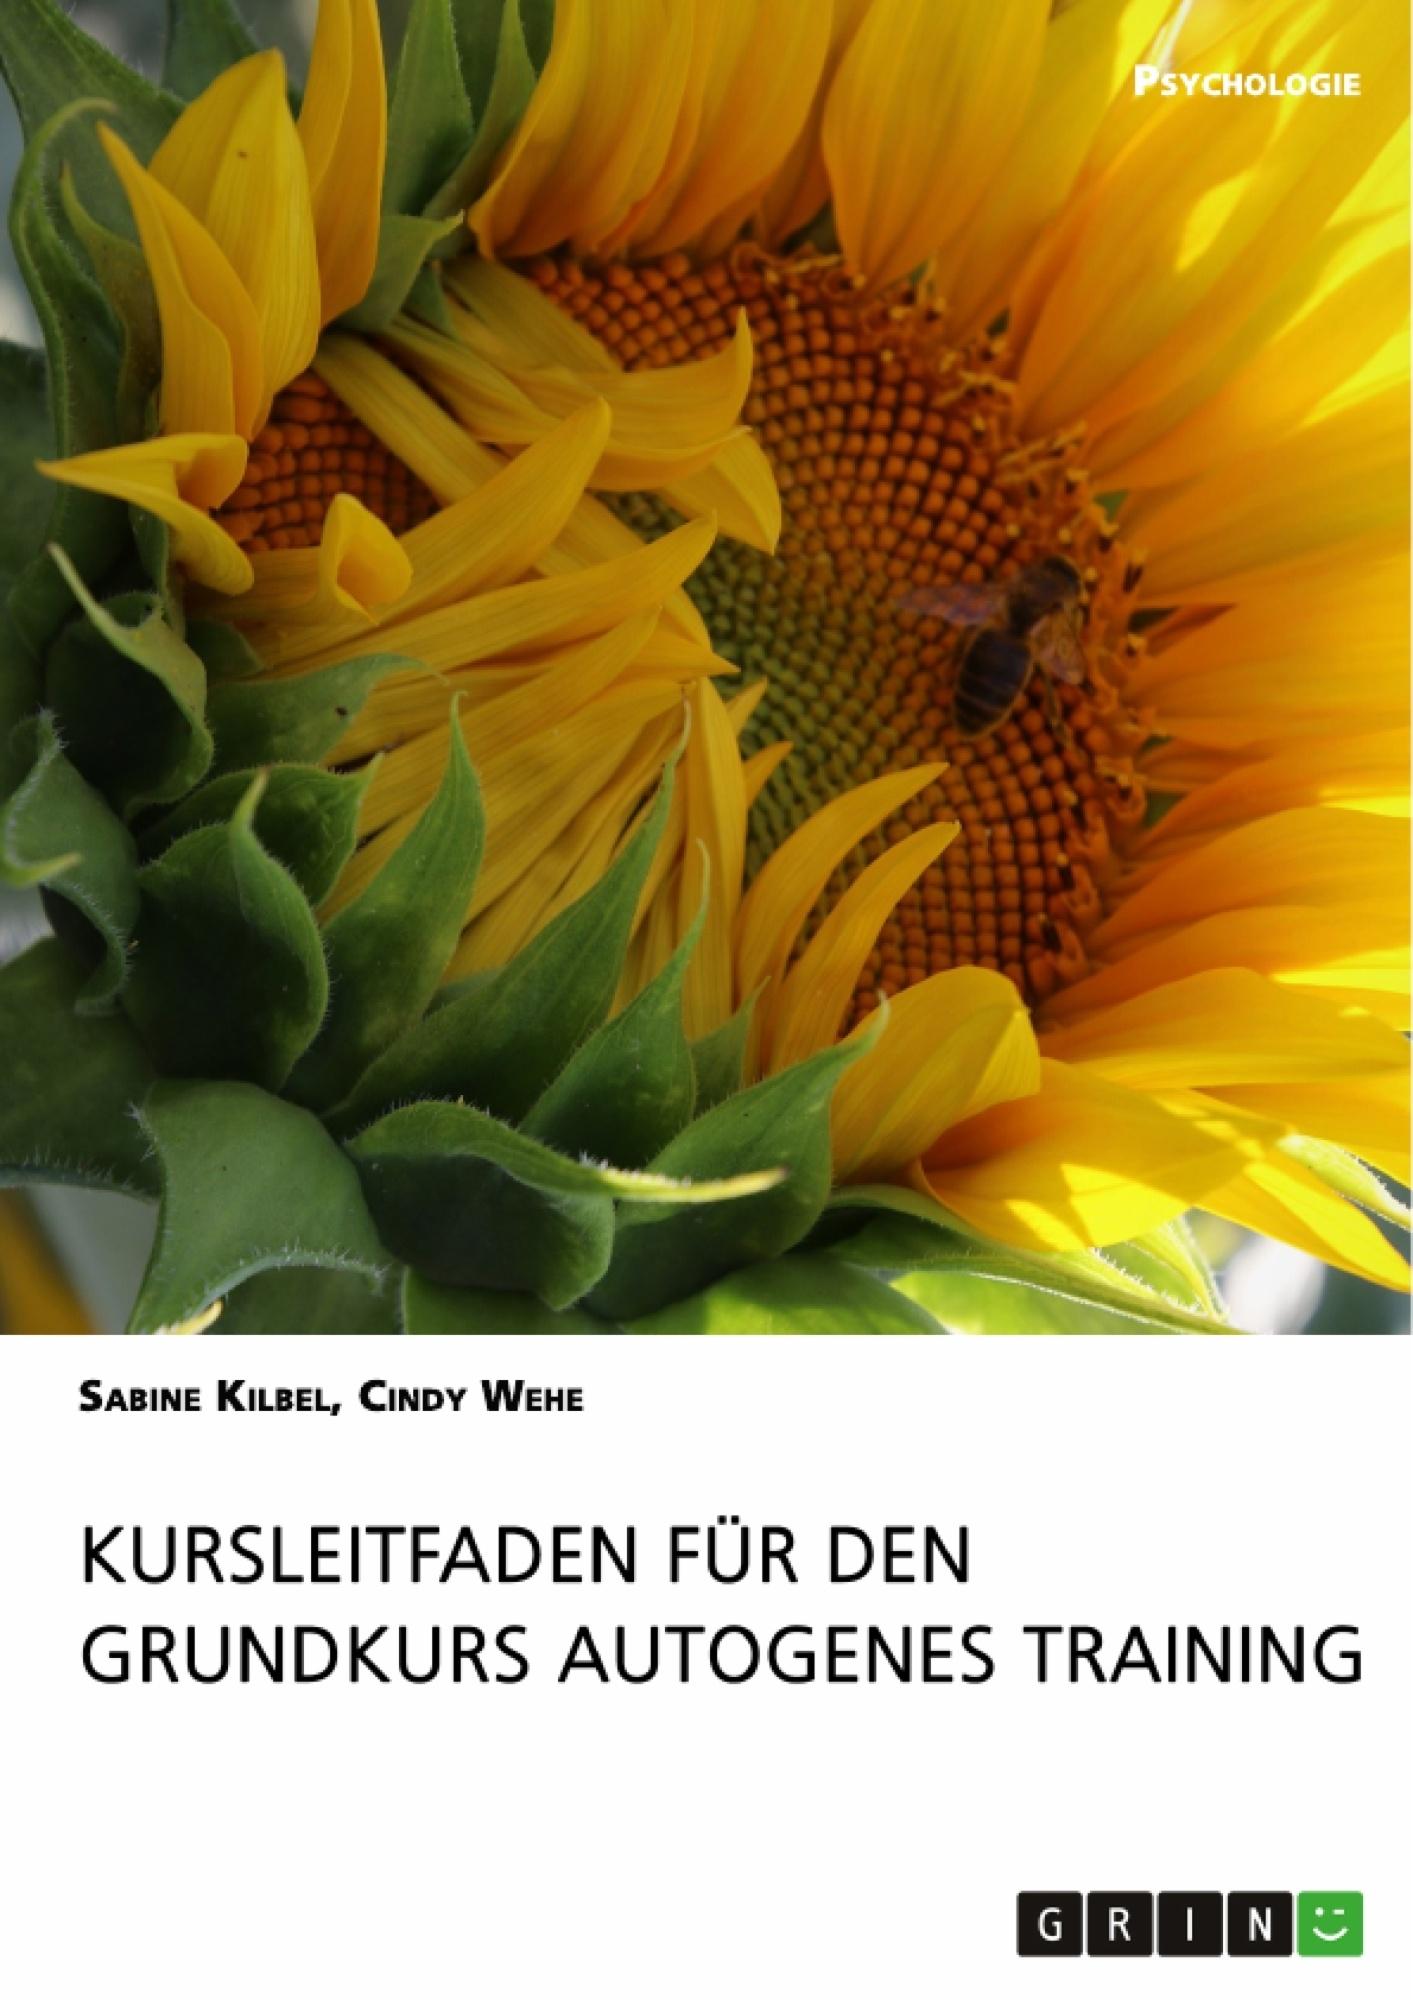 Titel: Kursleitfaden für den Grundkurs Autogenes Training